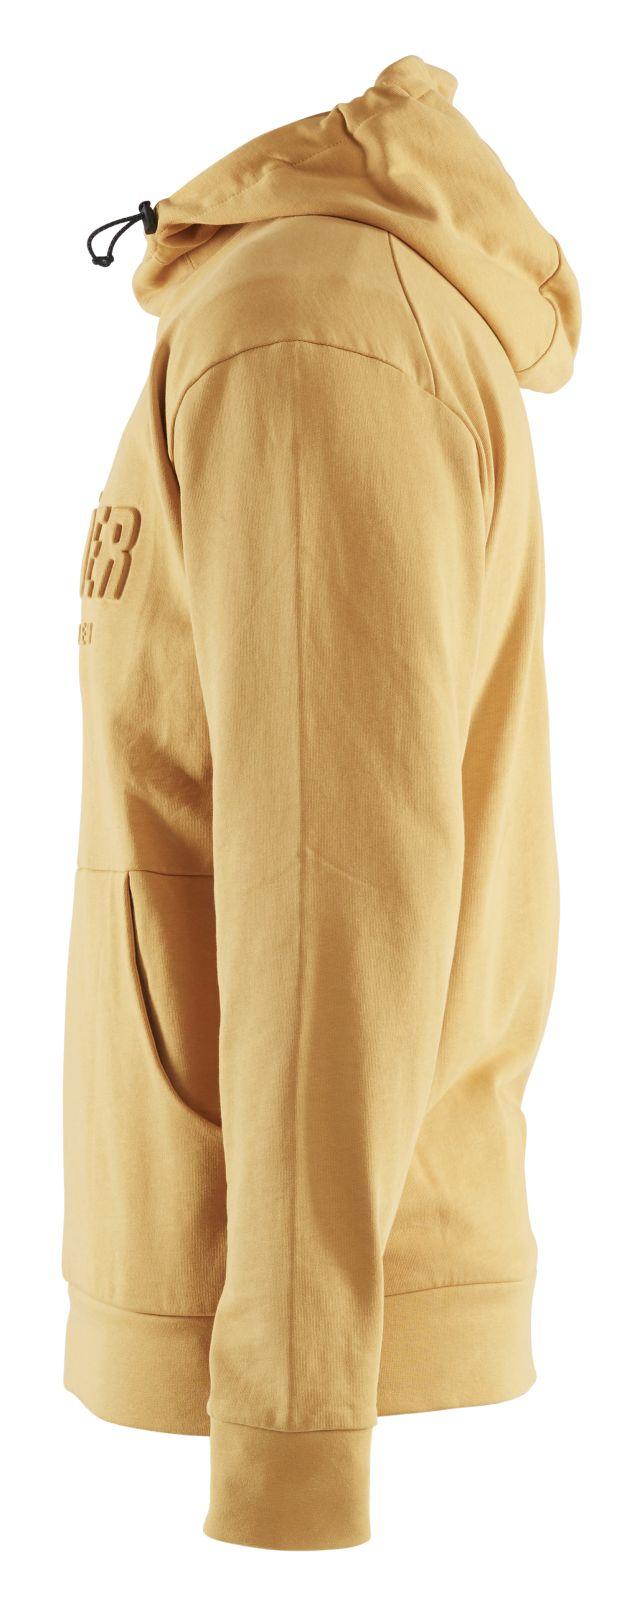 Blaklader sweatershirts 35301158 honinggoud(3709)